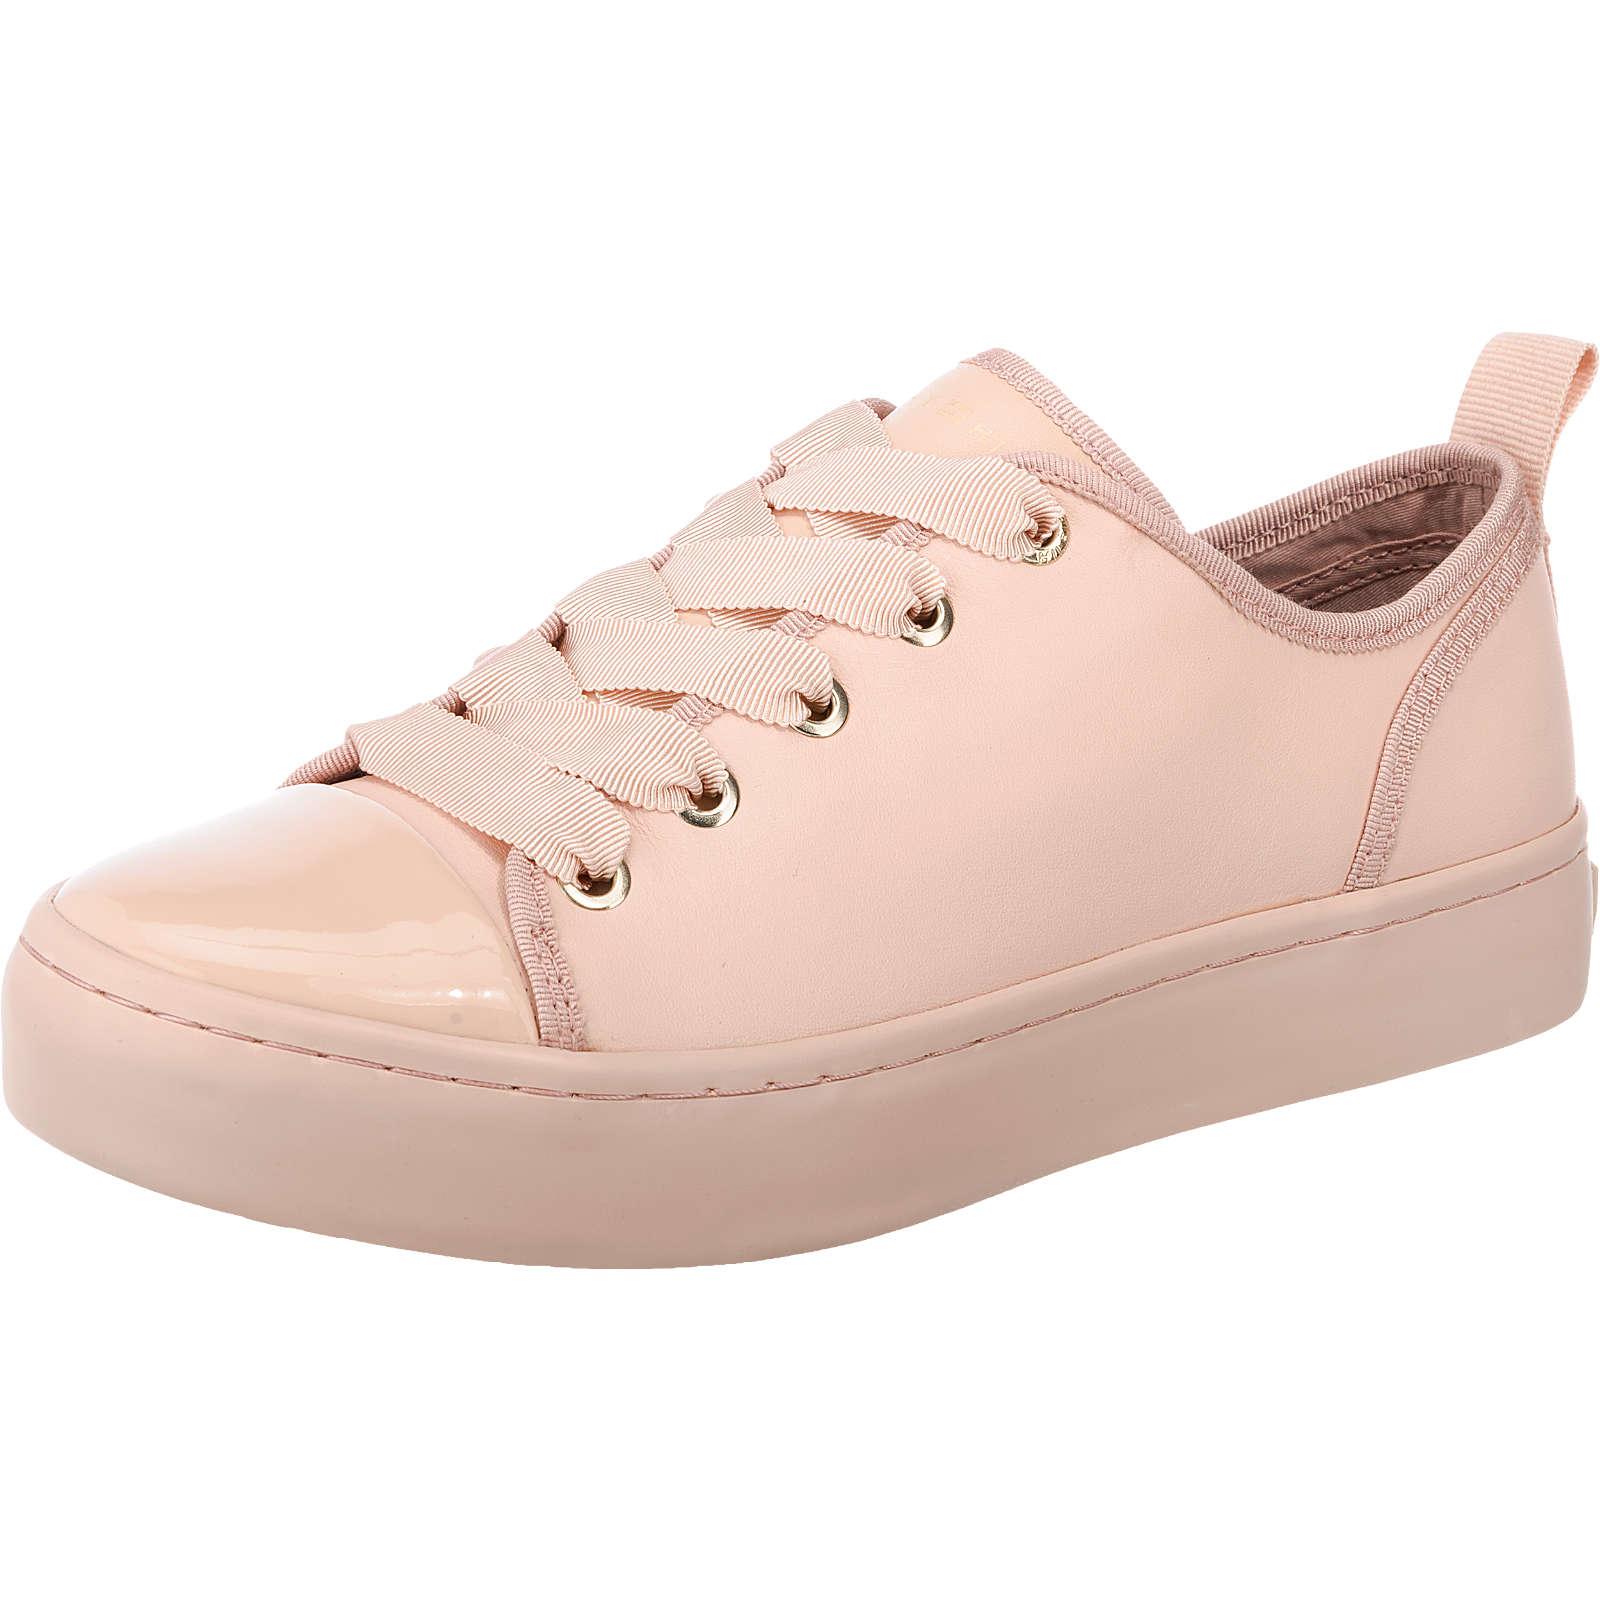 TOMMY HILFIGER Jupiter Sneakers rosa Damen Gr. 38